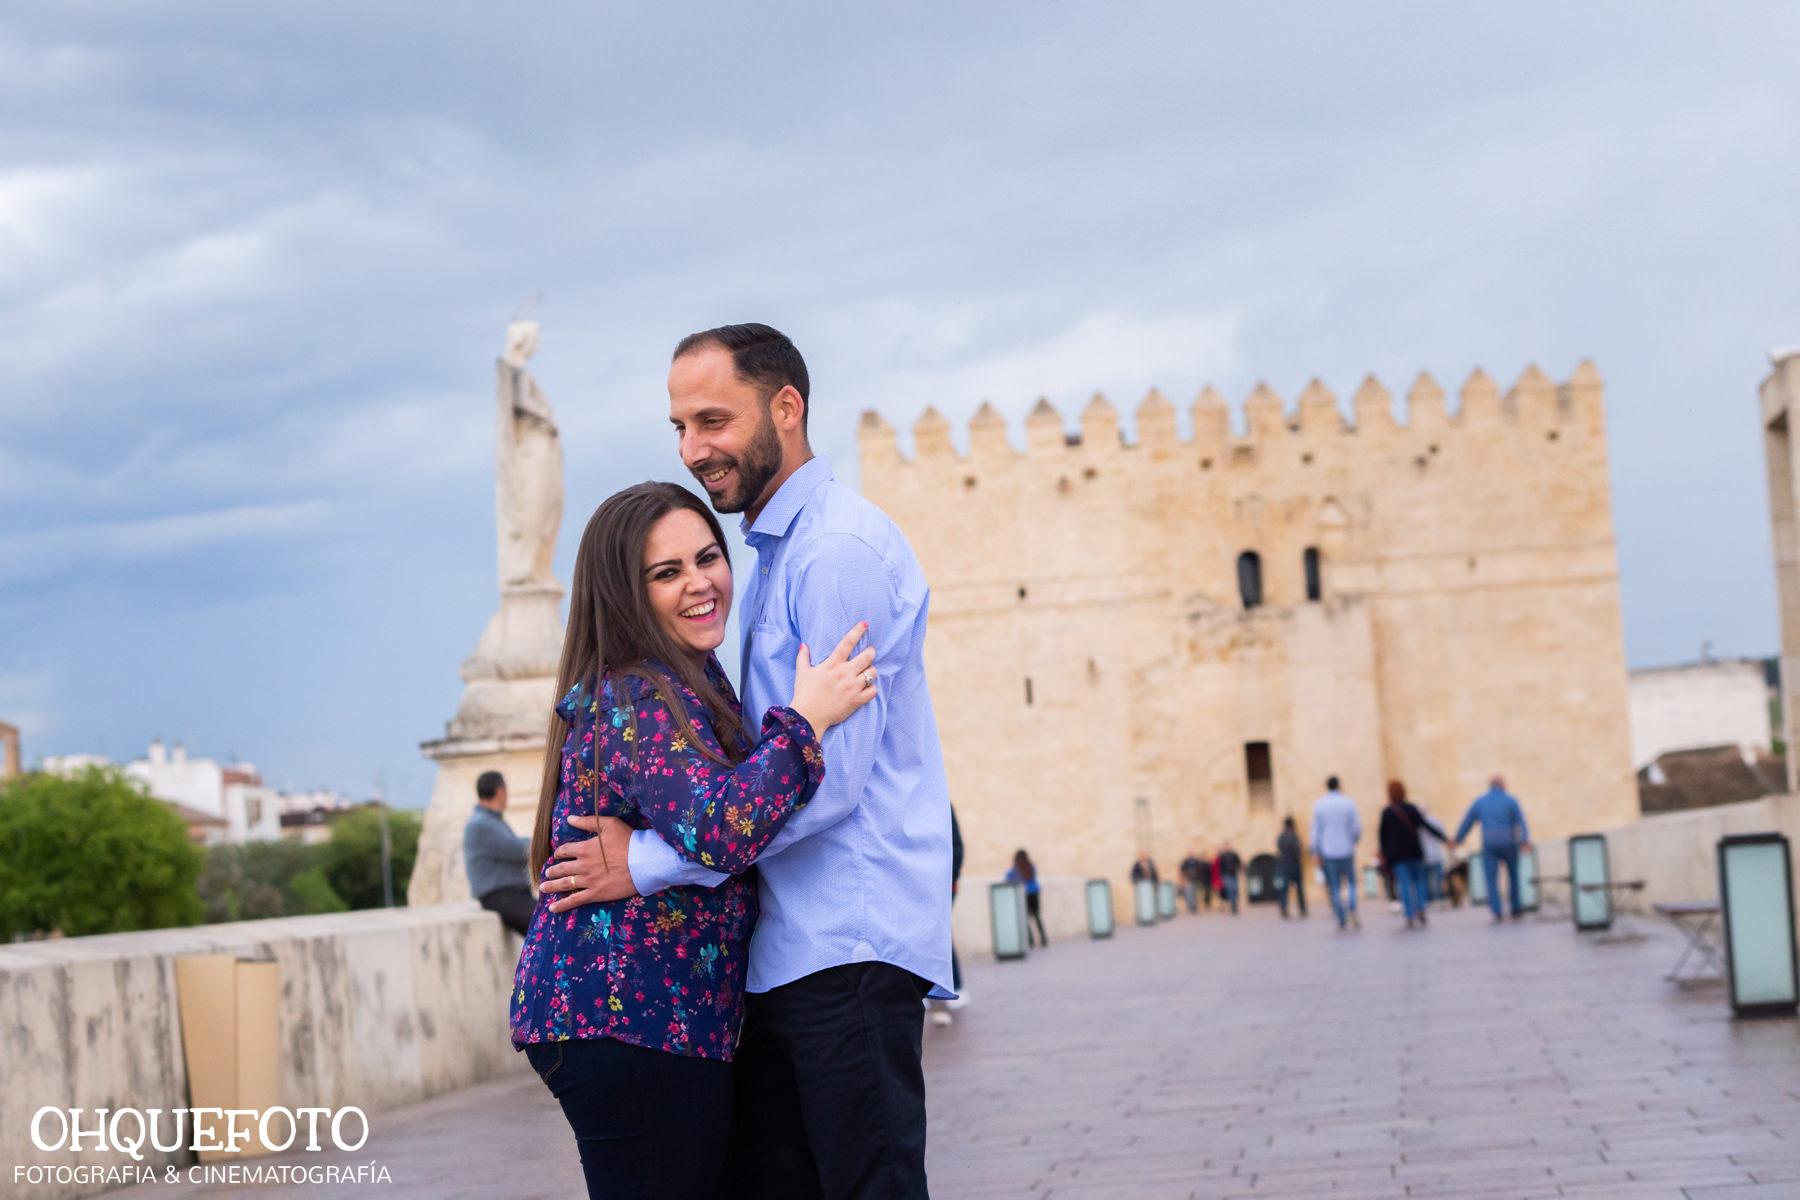 preboda en la judería de cordoba preboda en puente romano cordoba fotos de preboda en cordoba reportaje antes de la boda402 - Reportaje de preboda en la Judería de Córdoba - Elena y Jose